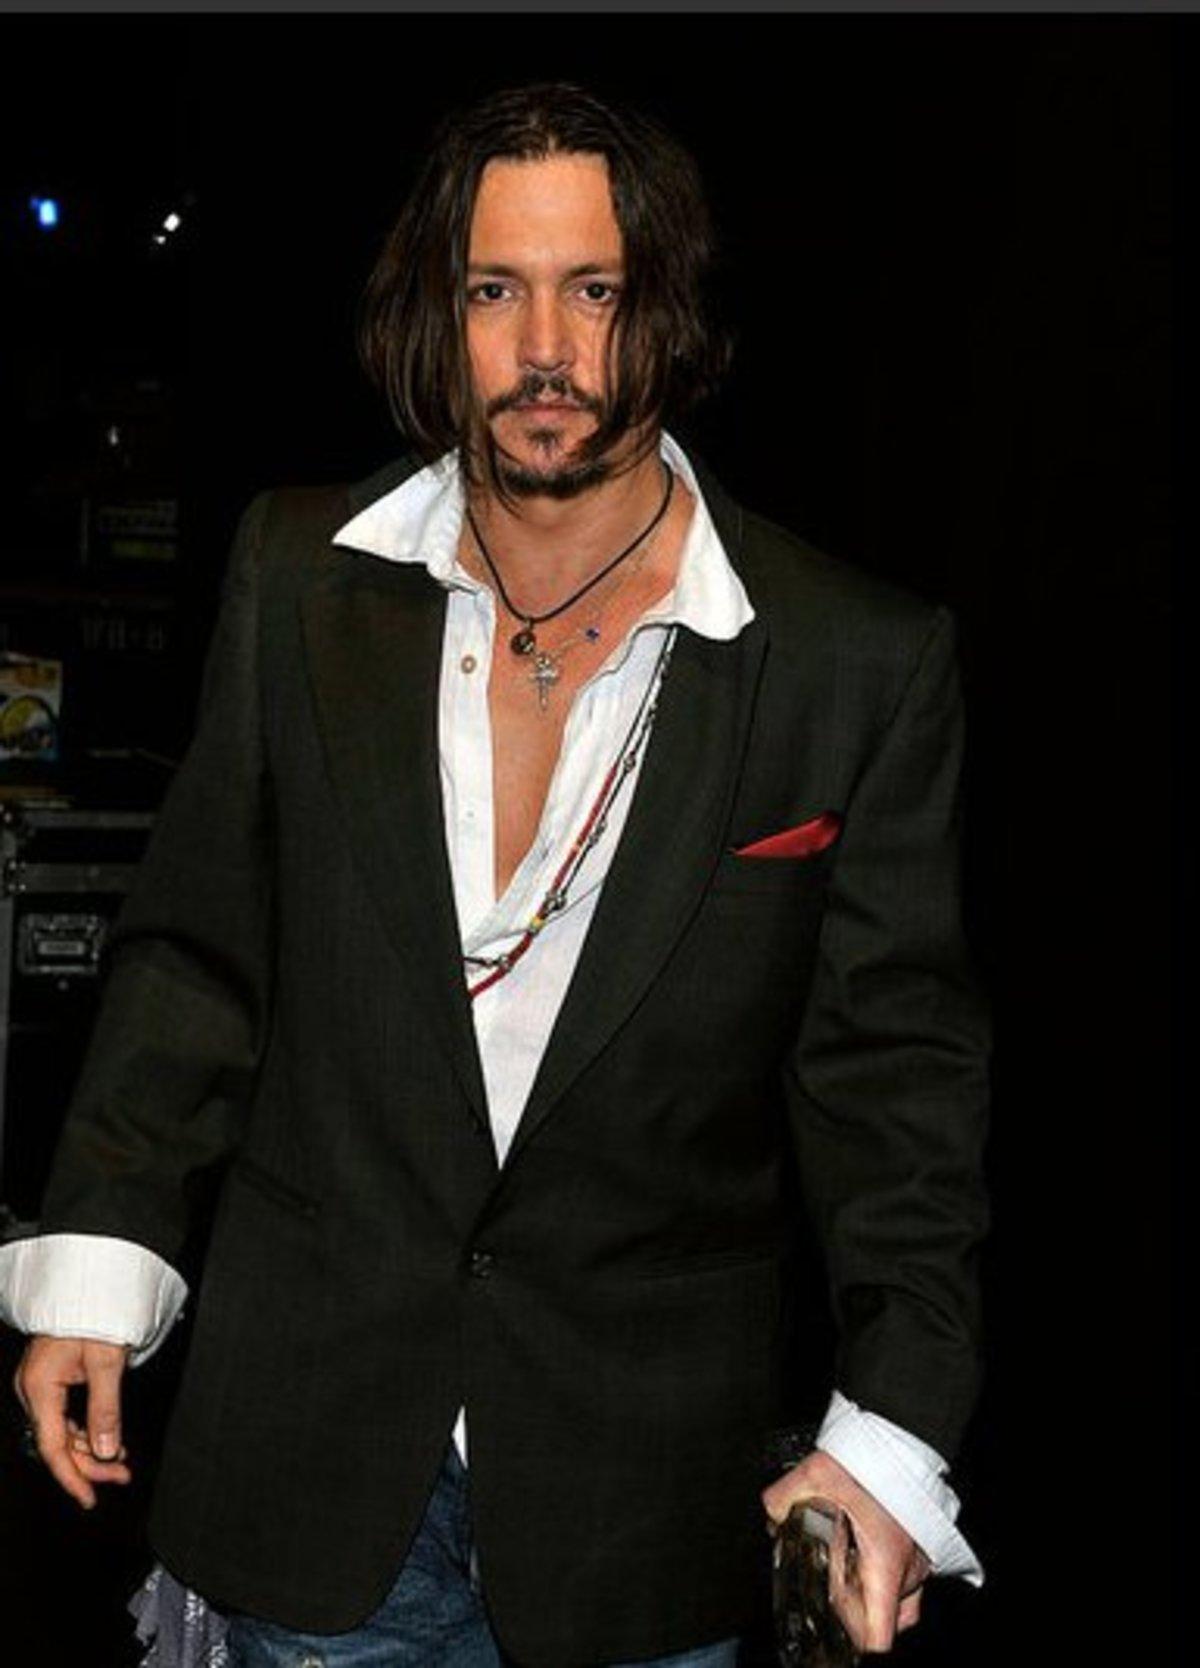 Πώς ήταν o Johnny Depp στα νιάτα του; | Newsit.gr